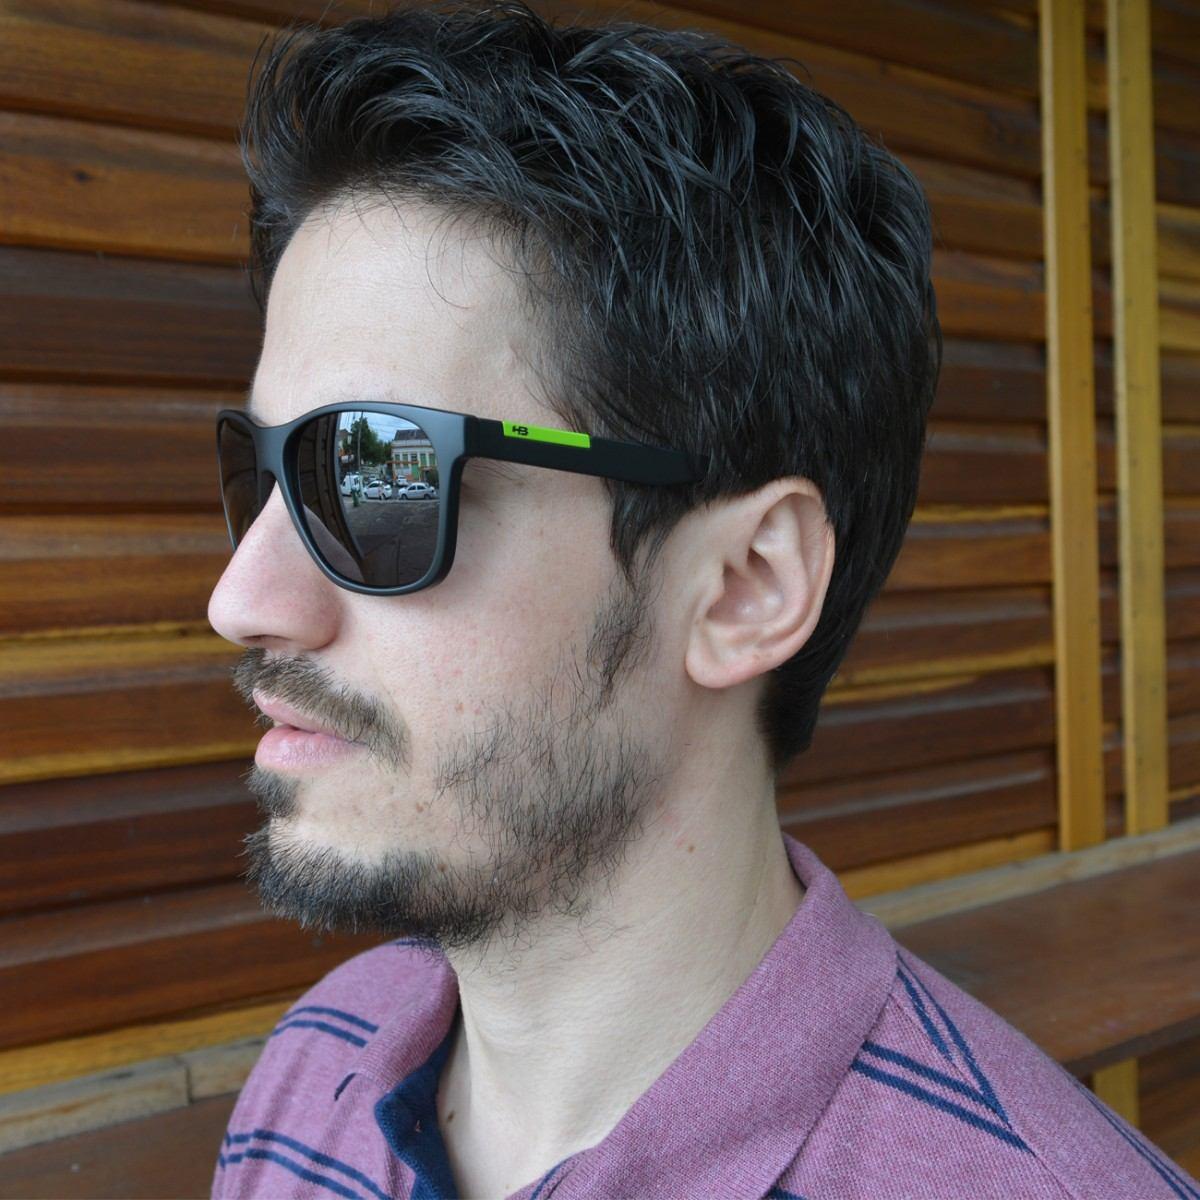 b4a16fd22 Oculos Hb Underground - R$ 219,95 em Mercado Livre